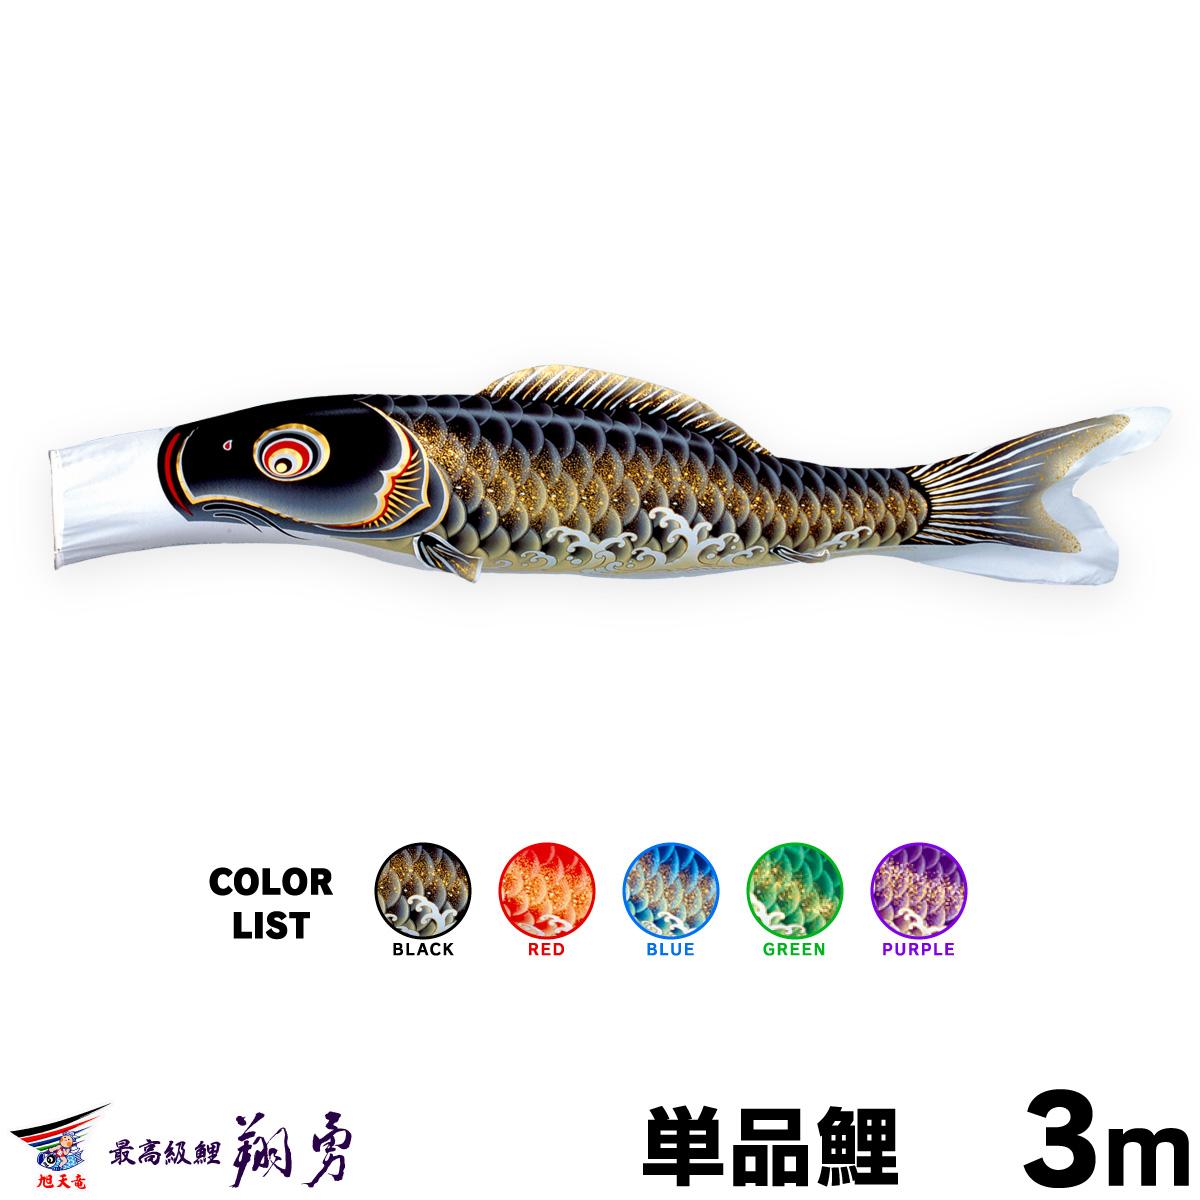 【こいのぼり 単品】 翔勇鯉 3m 単品鯉